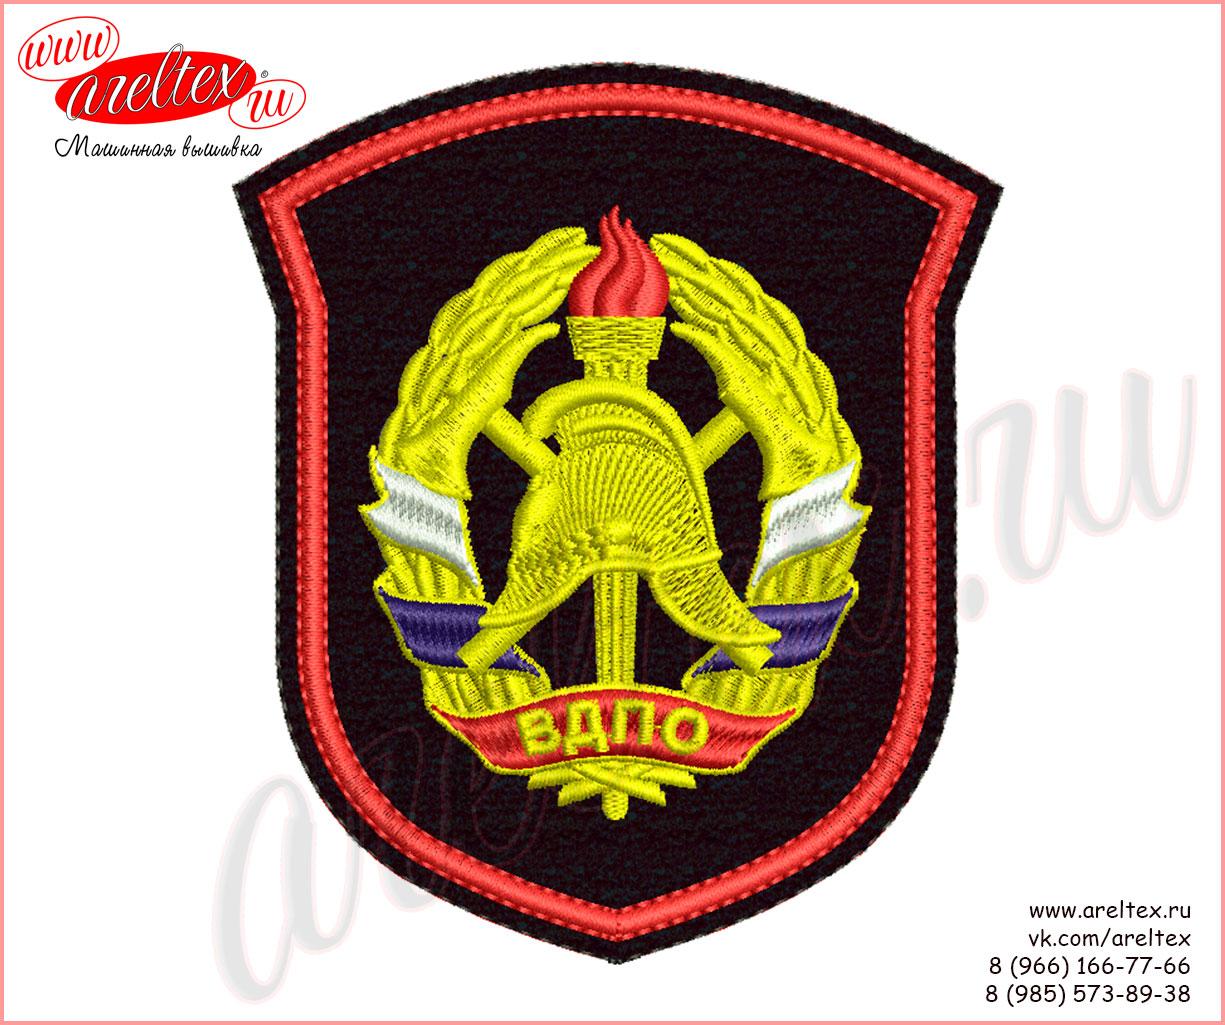 Вышитый нарукавный шеврон ВДПО (Всероссийское добровольное пожарное общество)